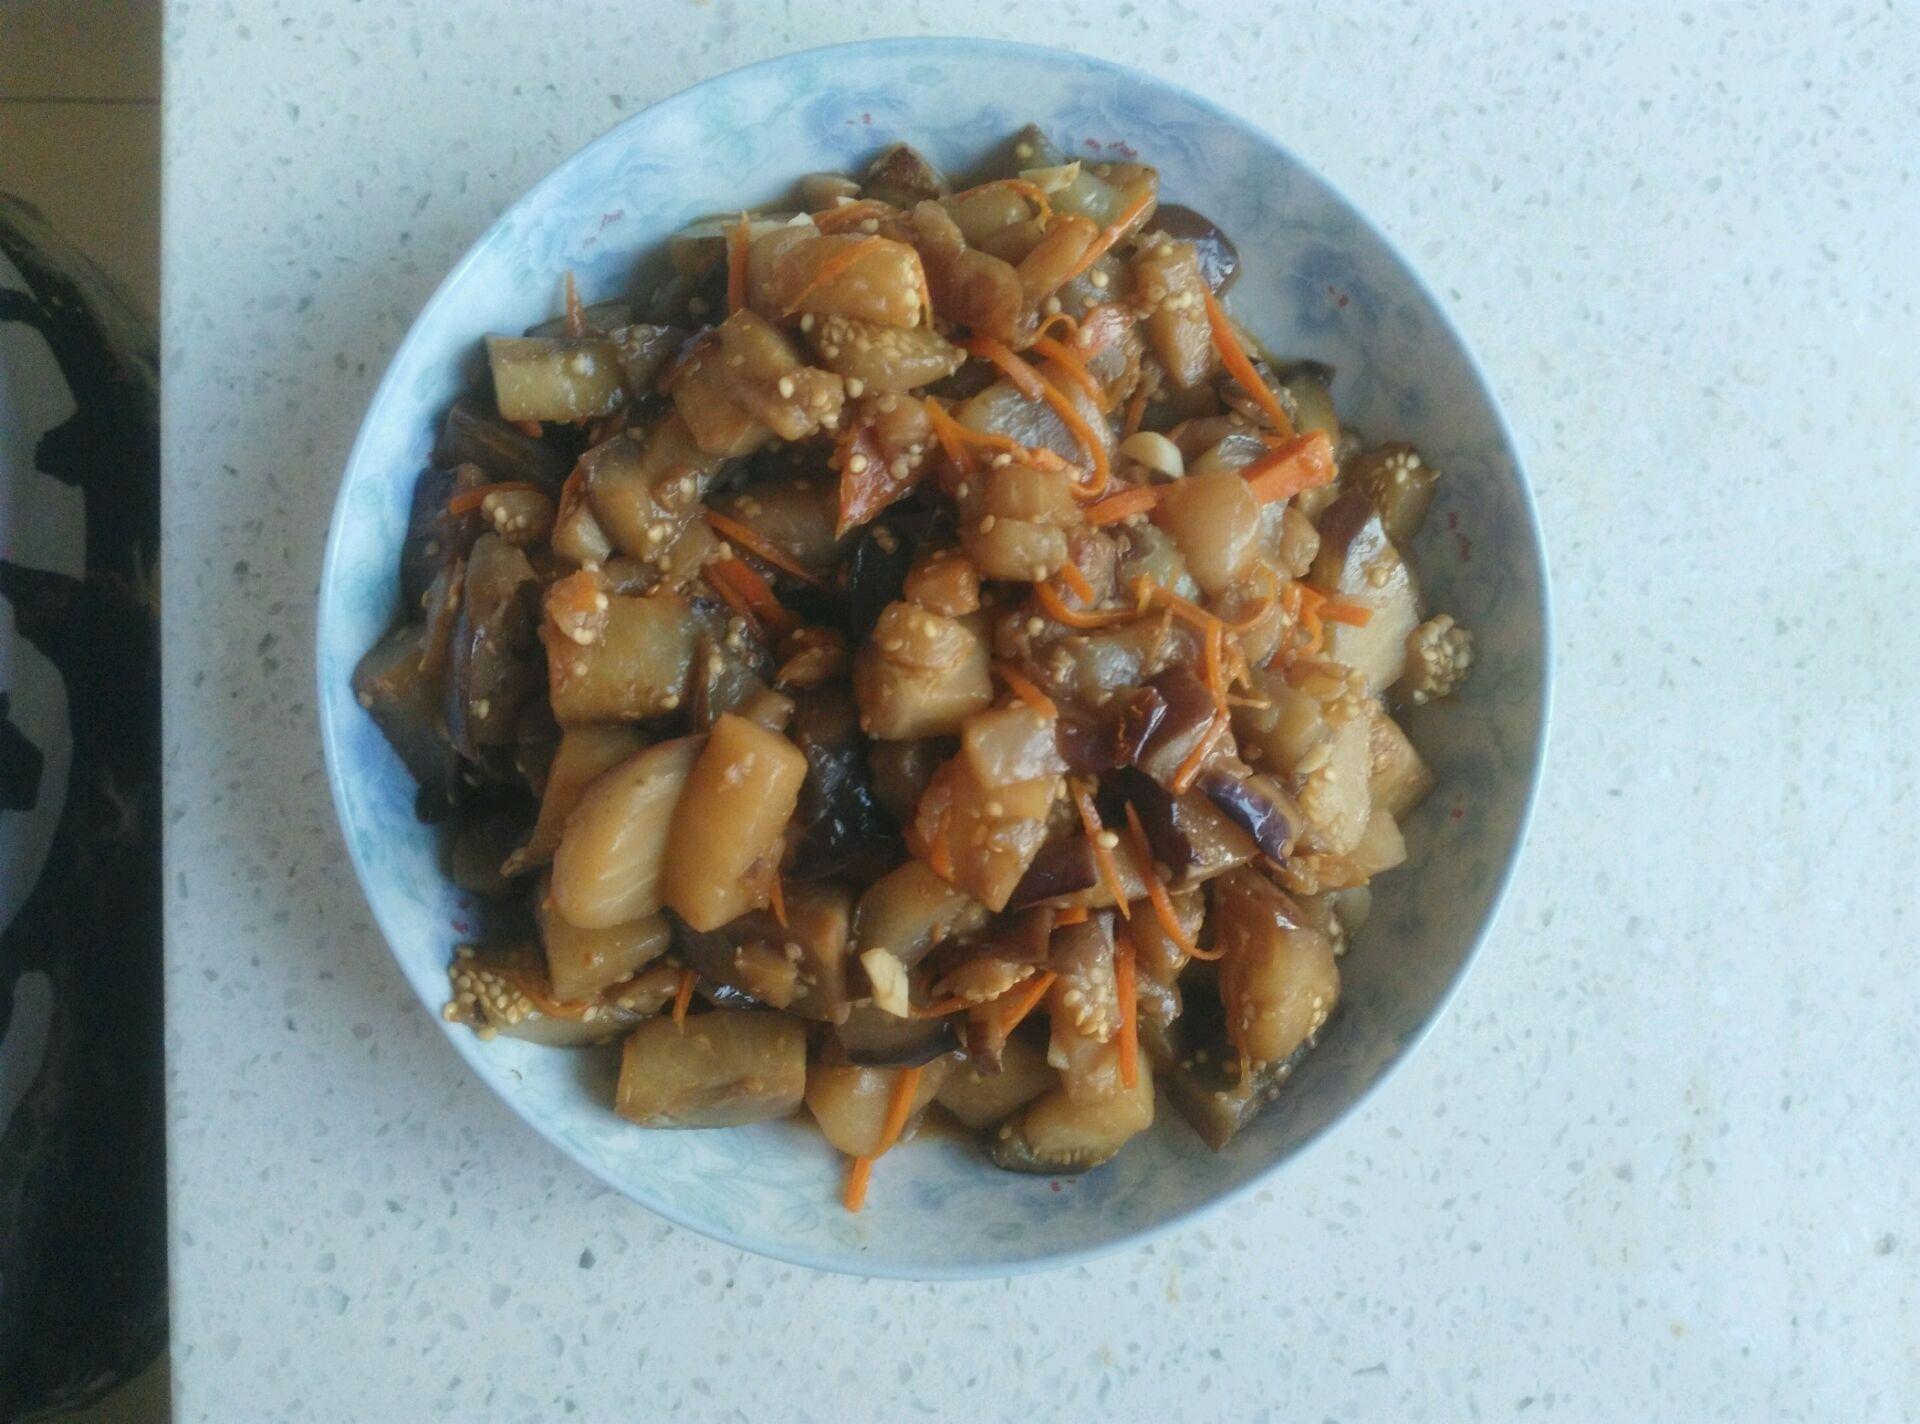 糖醋茄子(低油版)的做法_【图解】糖醋茄子(低油版)做